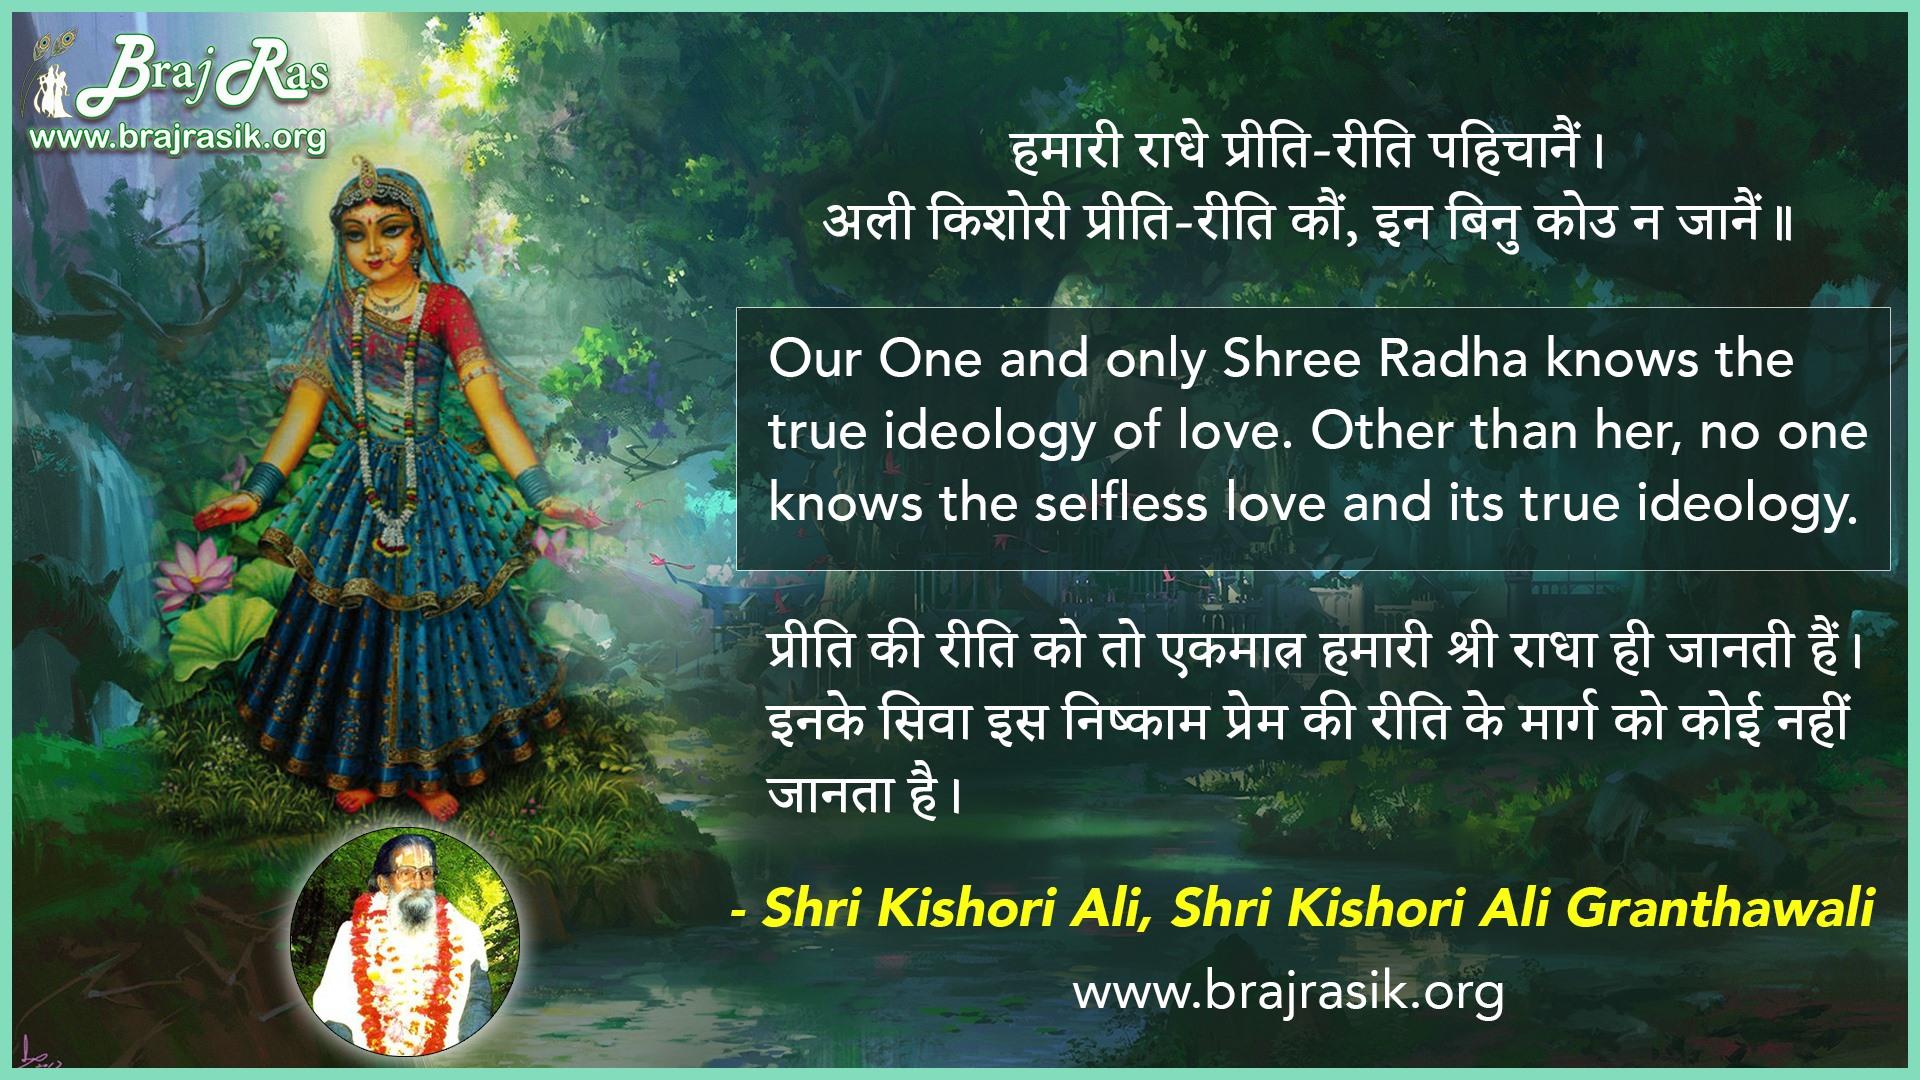 Hamaari Radhe Preeti-reeti Pahichaanain- Shri Kishori Ali, Shri Kishori Ali Granthawali